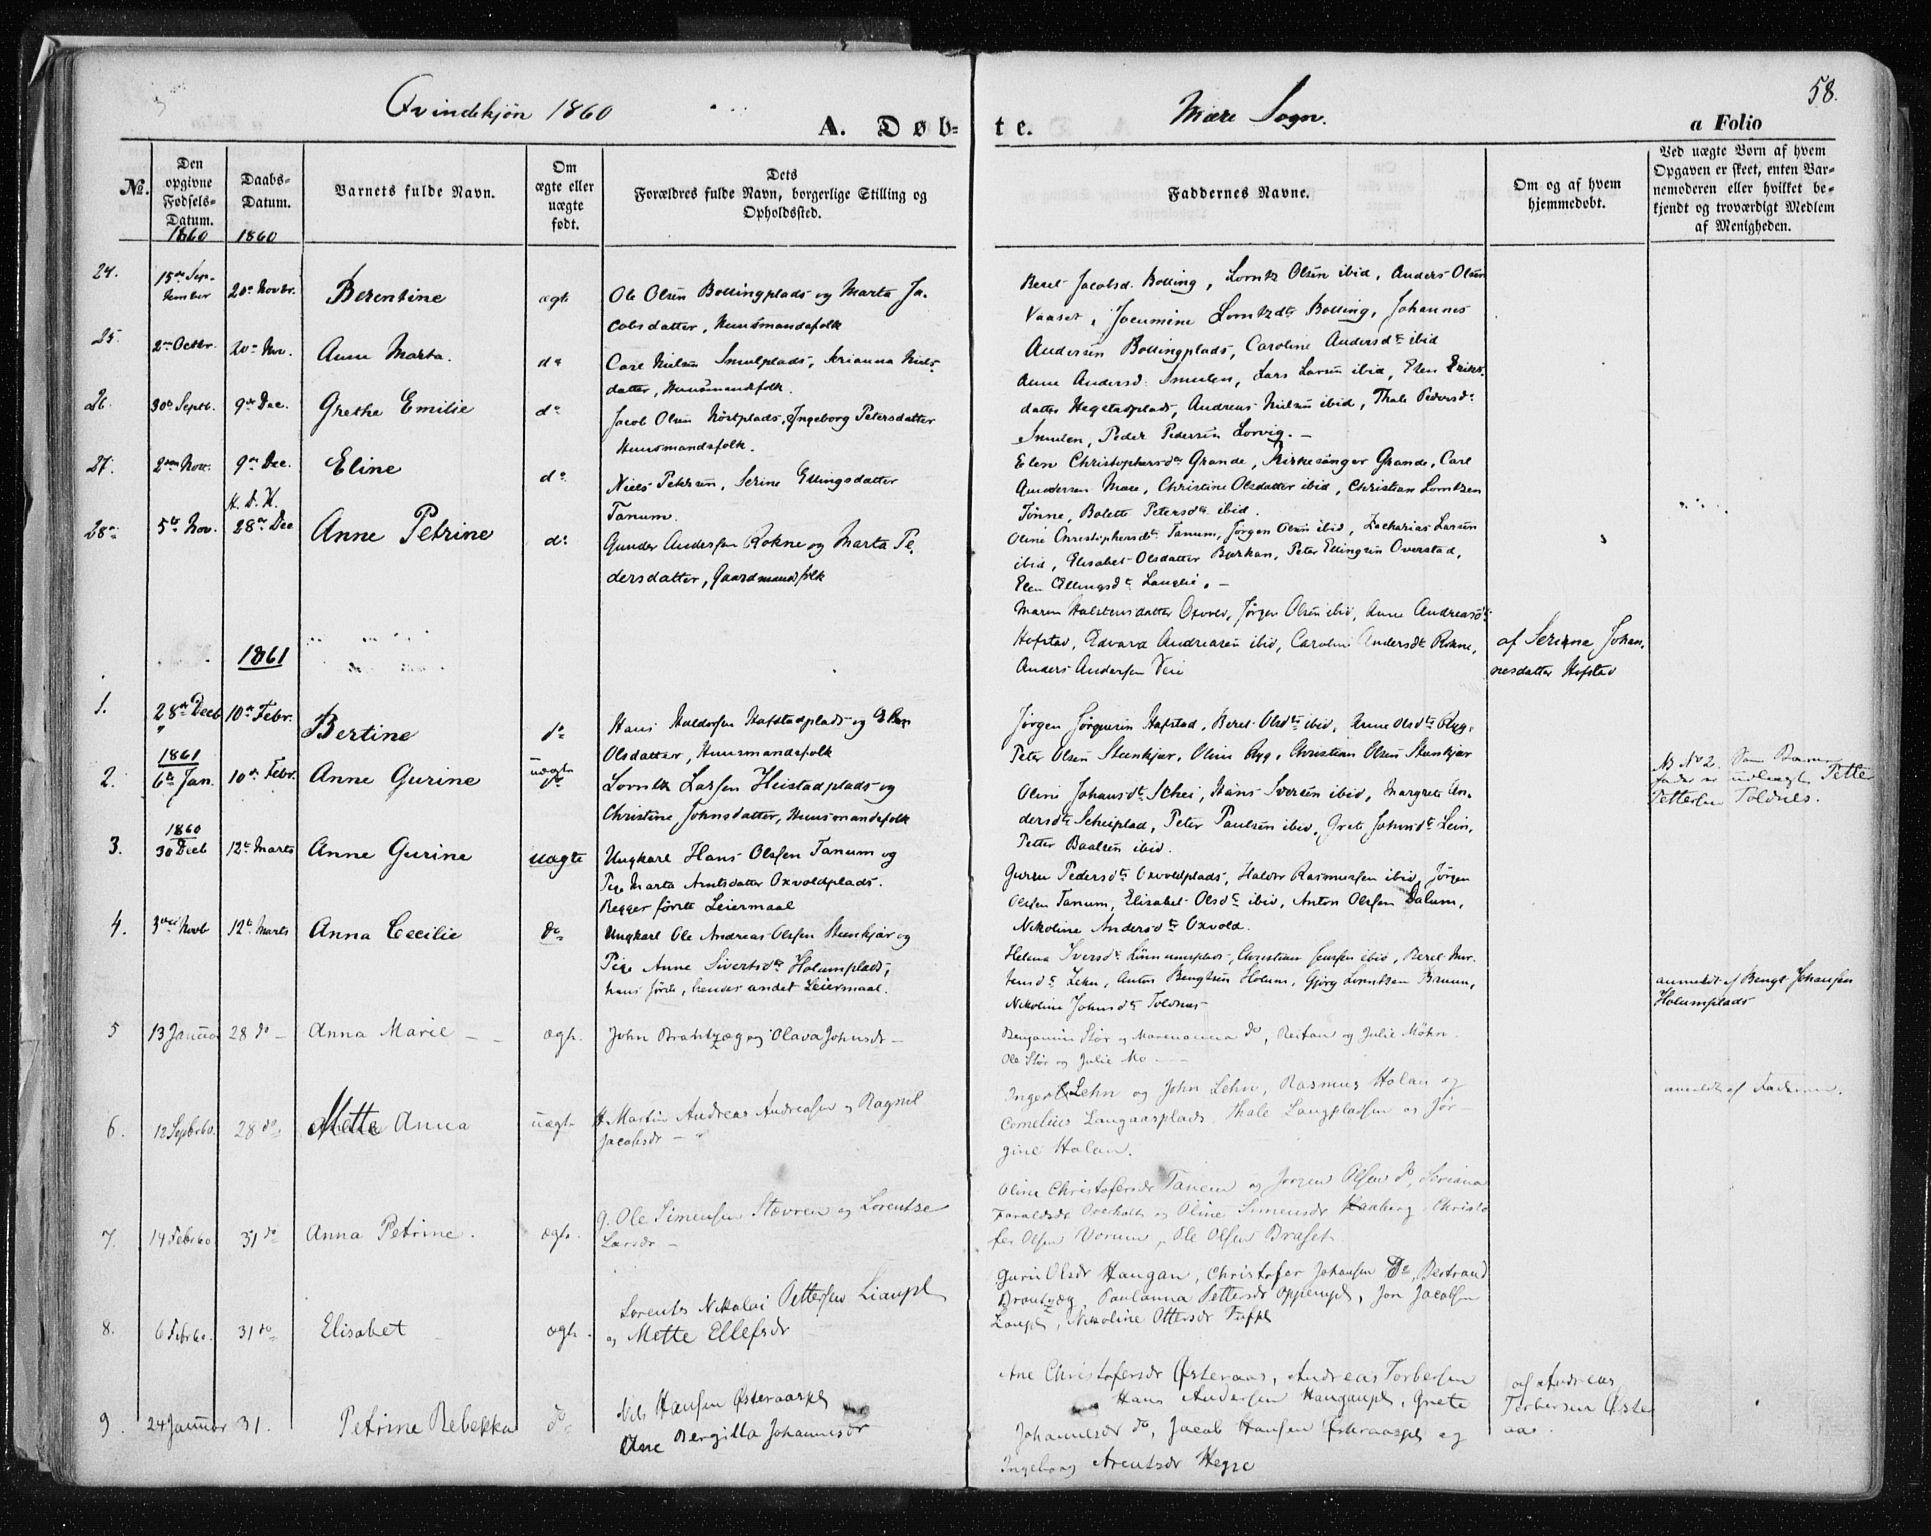 SAT, Ministerialprotokoller, klokkerbøker og fødselsregistre - Nord-Trøndelag, 735/L0342: Ministerialbok nr. 735A07 /1, 1849-1862, s. 58